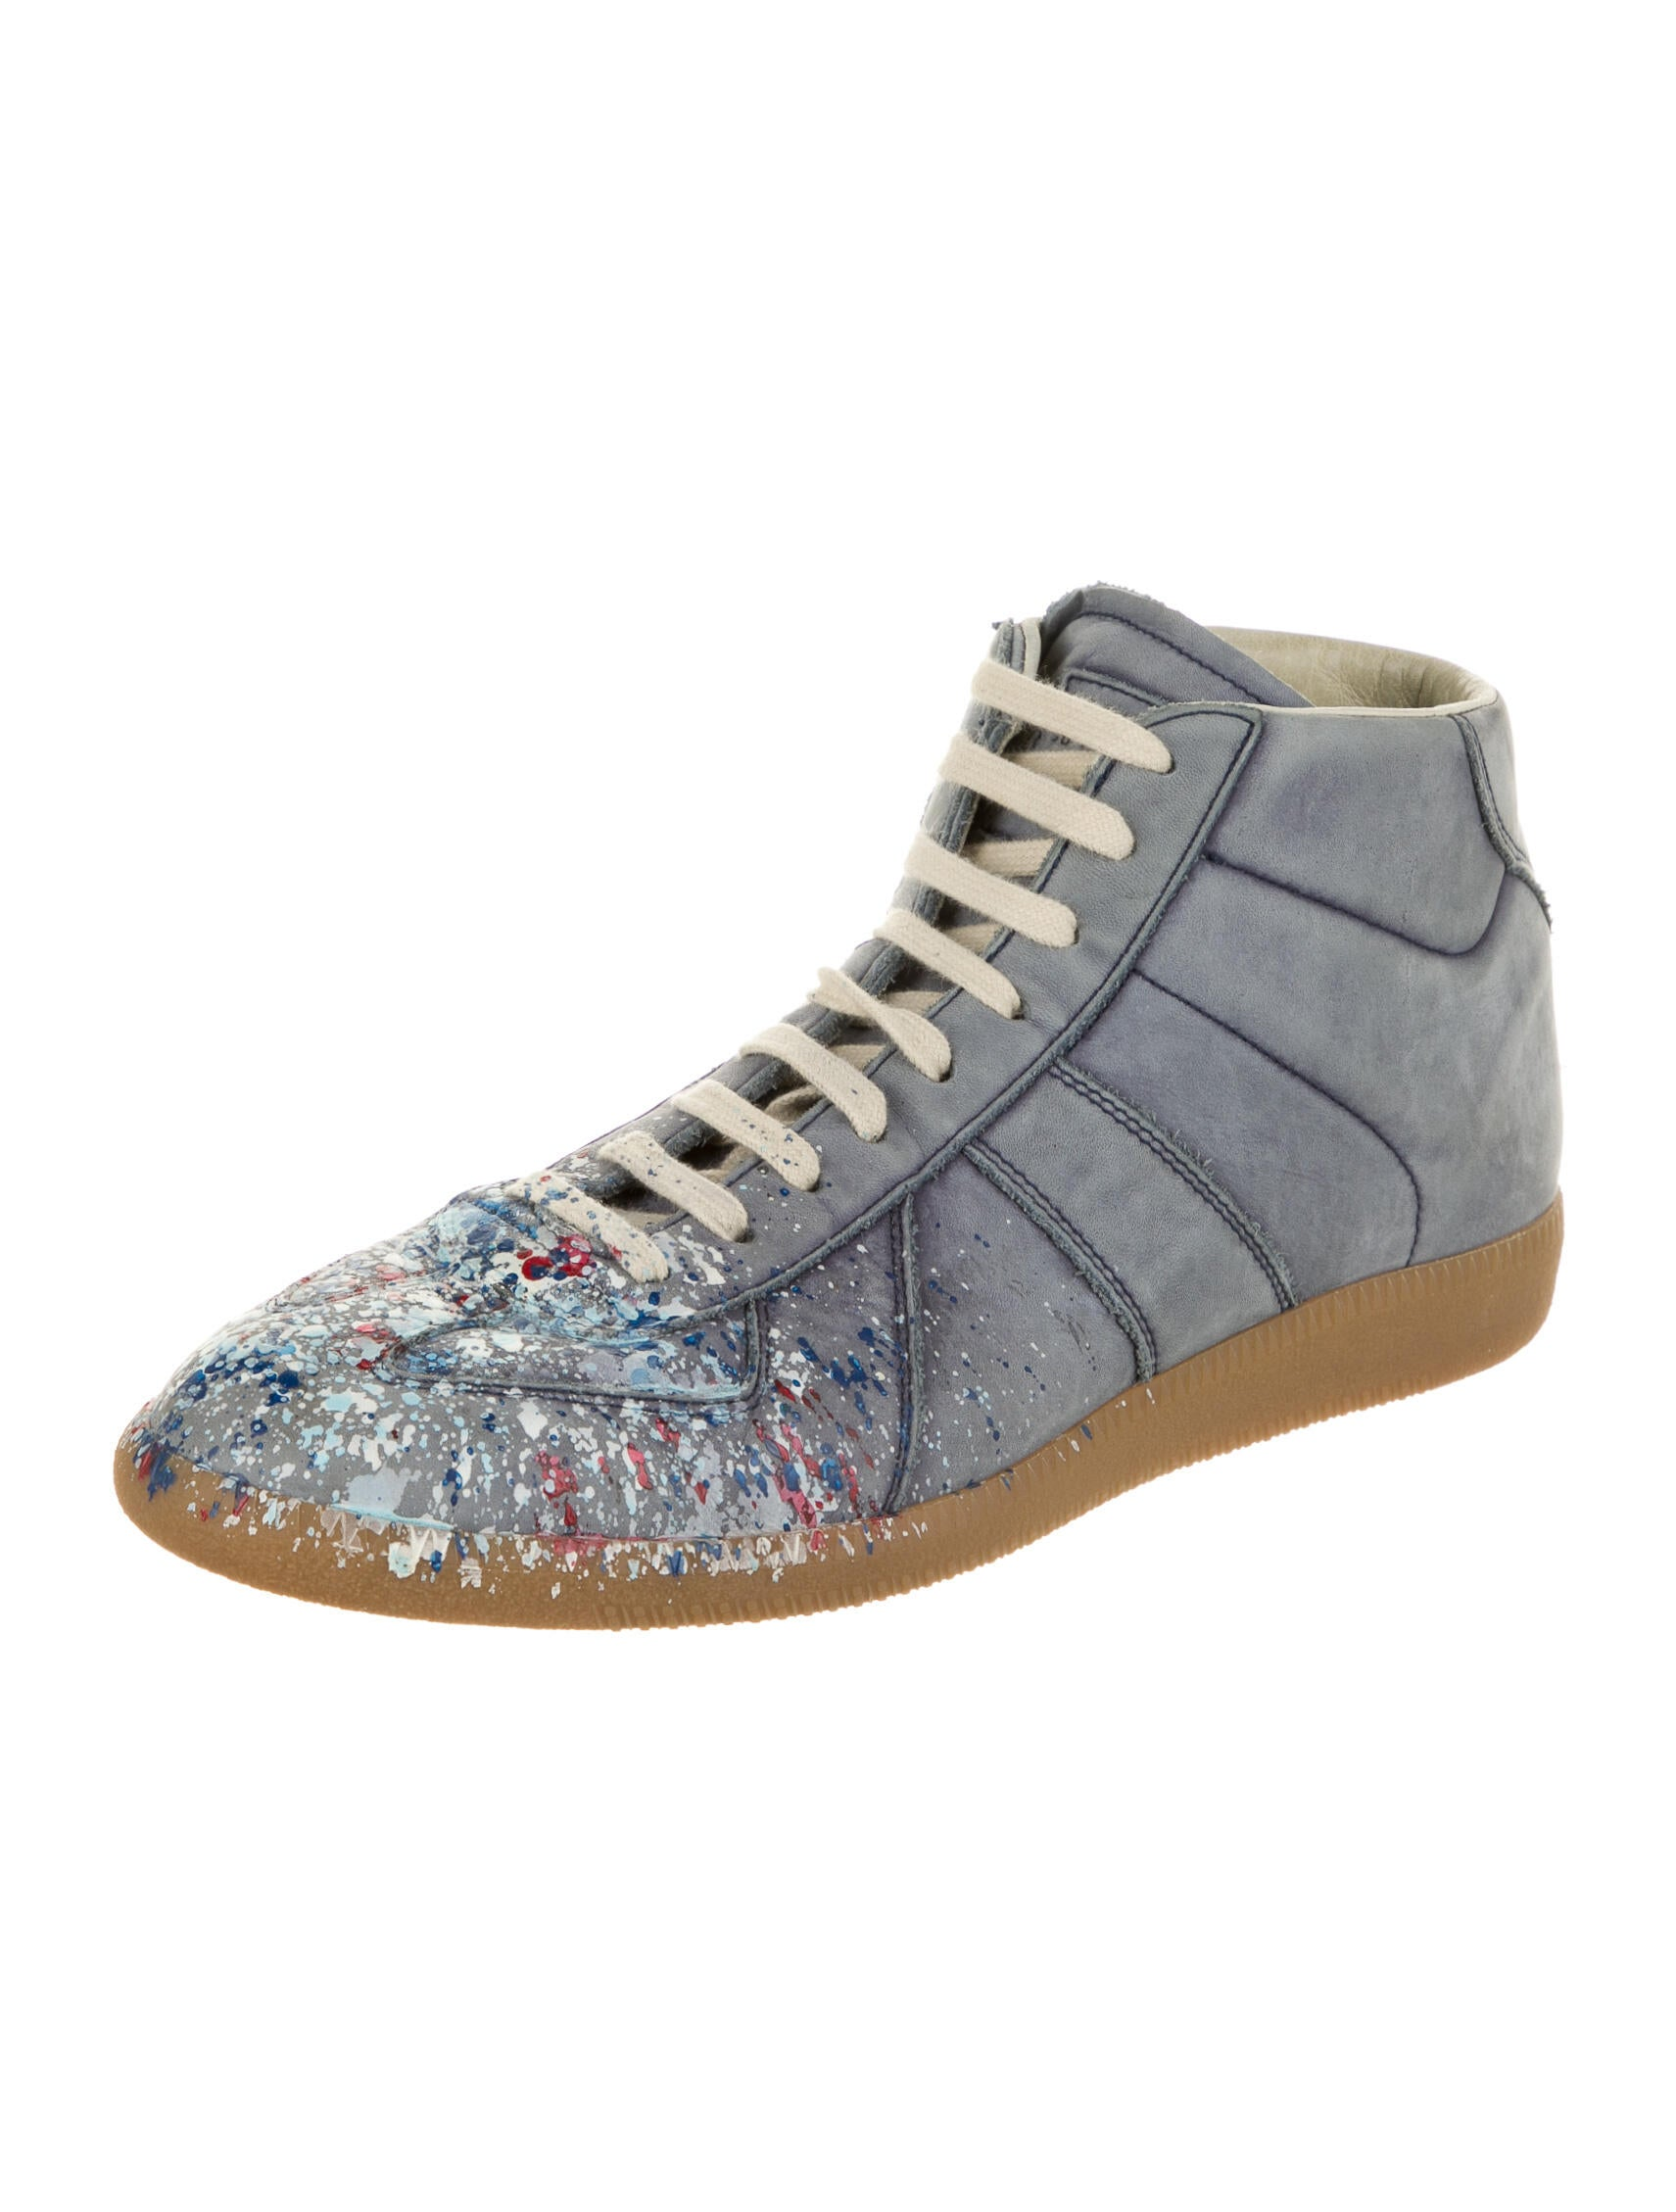 designer shoes margiela